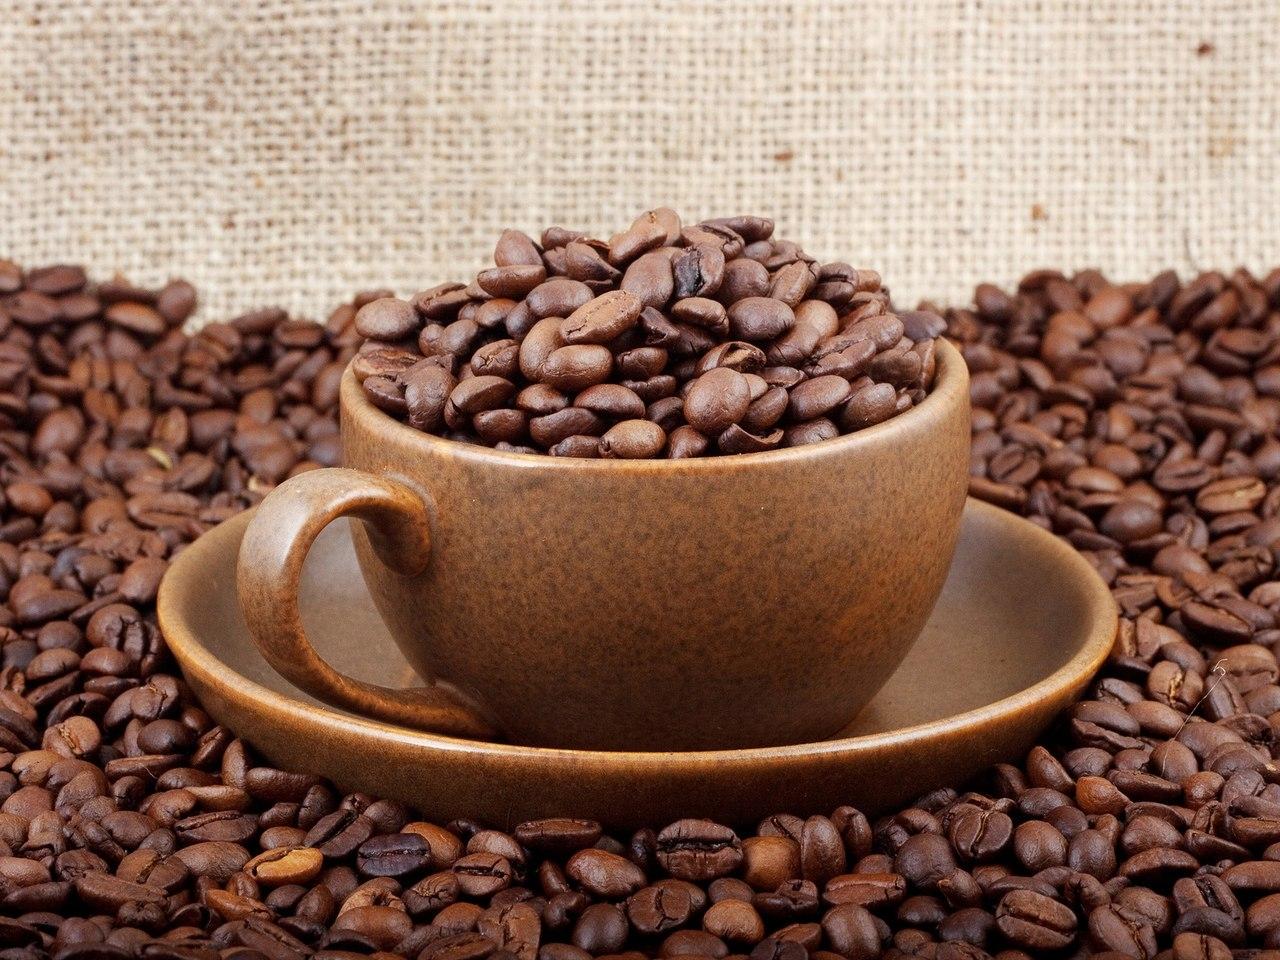 Если у вас есть зерновой кофе, но нет кофемолки и кофеварки